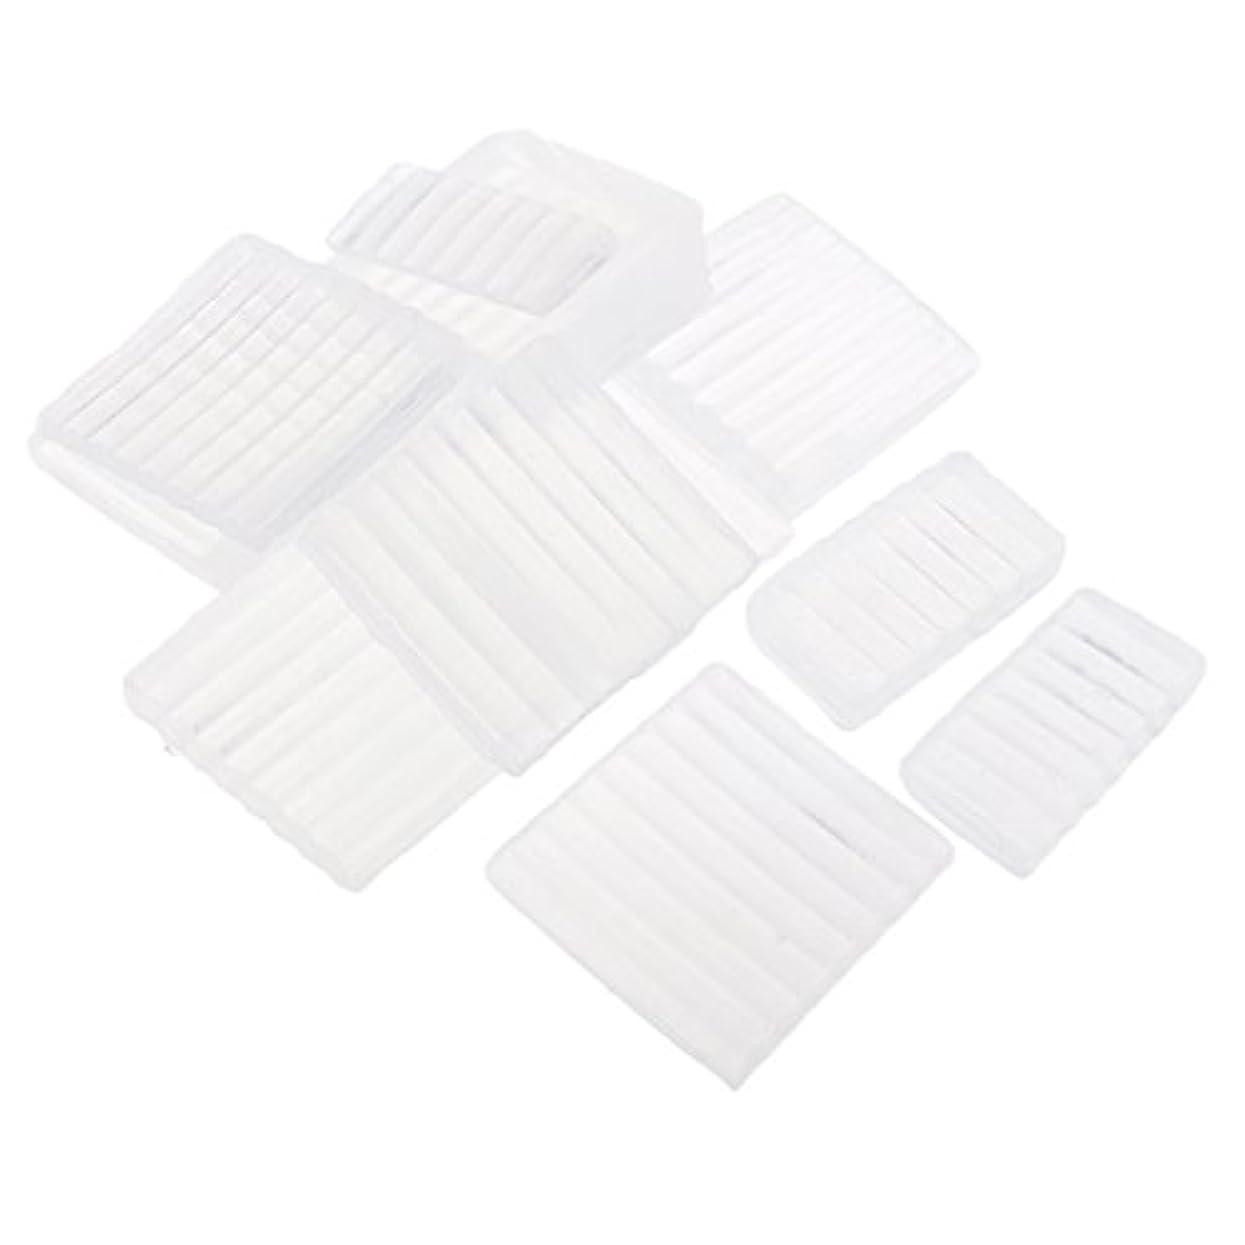 俳句ジャンクれるSharplace 透明 石鹸ベース せっけん DIY 手作り 石鹸作り 材料 白い石鹸ベース